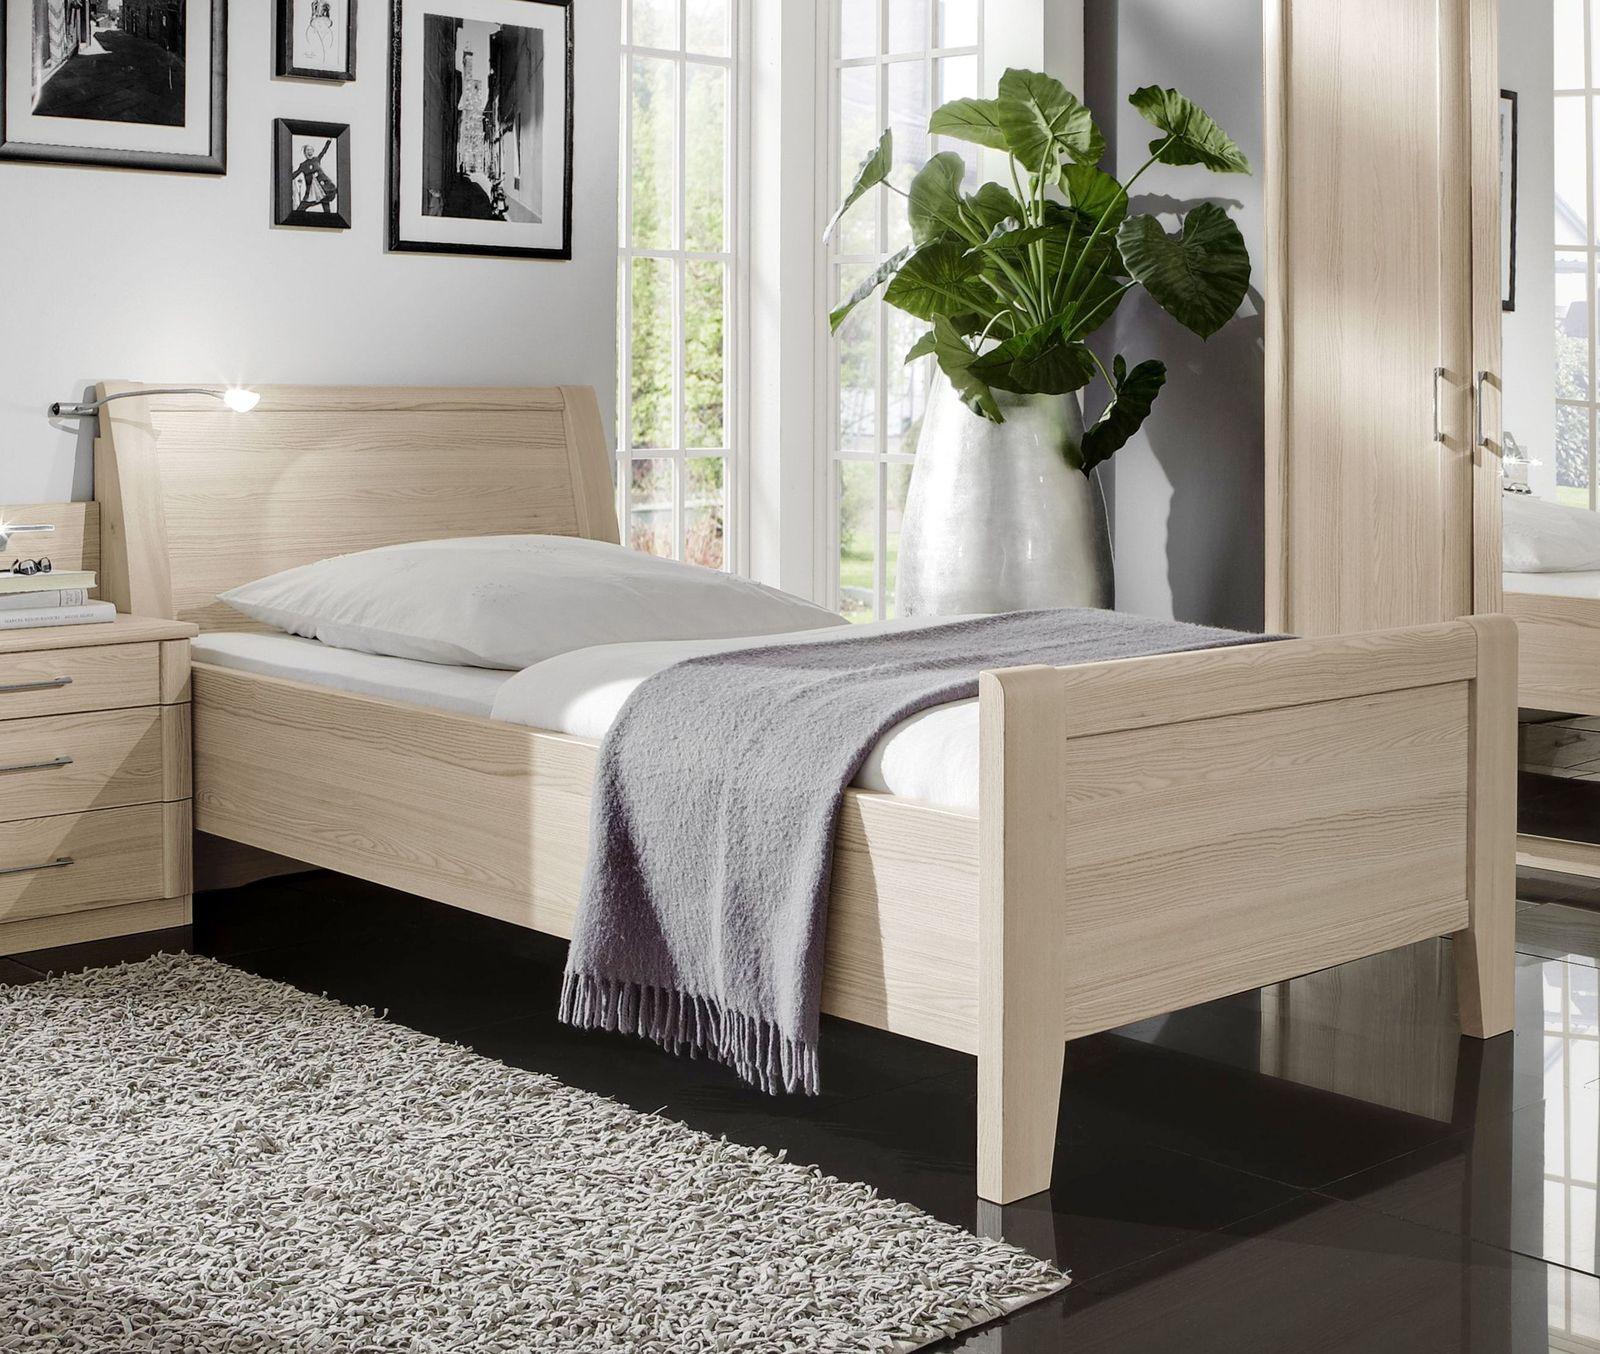 hse bettdecken schillig schlafsofas gr e von bettdecken schlafzimmer ideen schrank wandfarbe. Black Bedroom Furniture Sets. Home Design Ideas